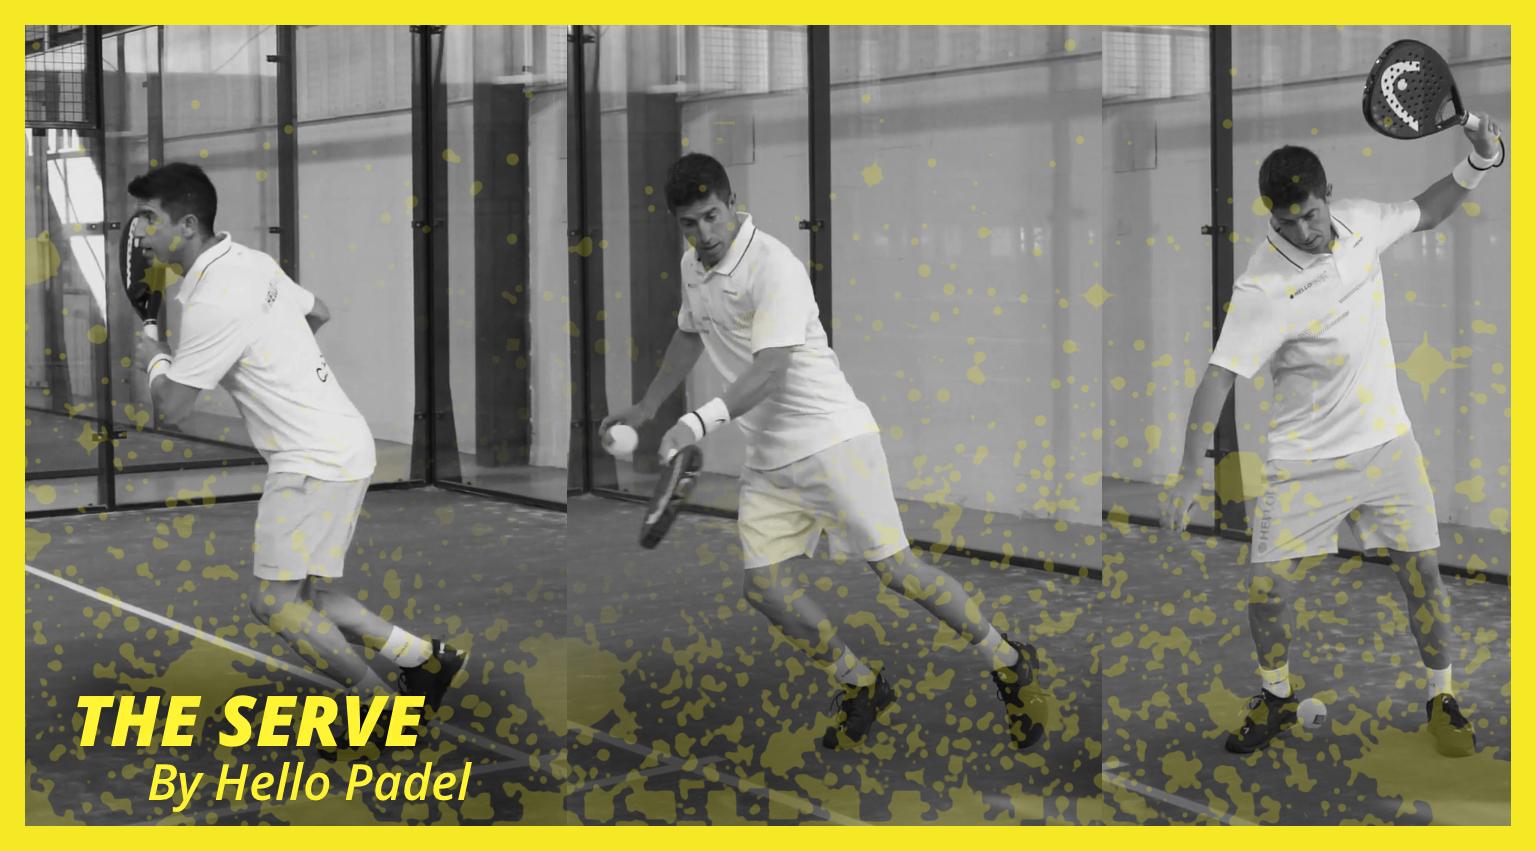 The serve in Padel